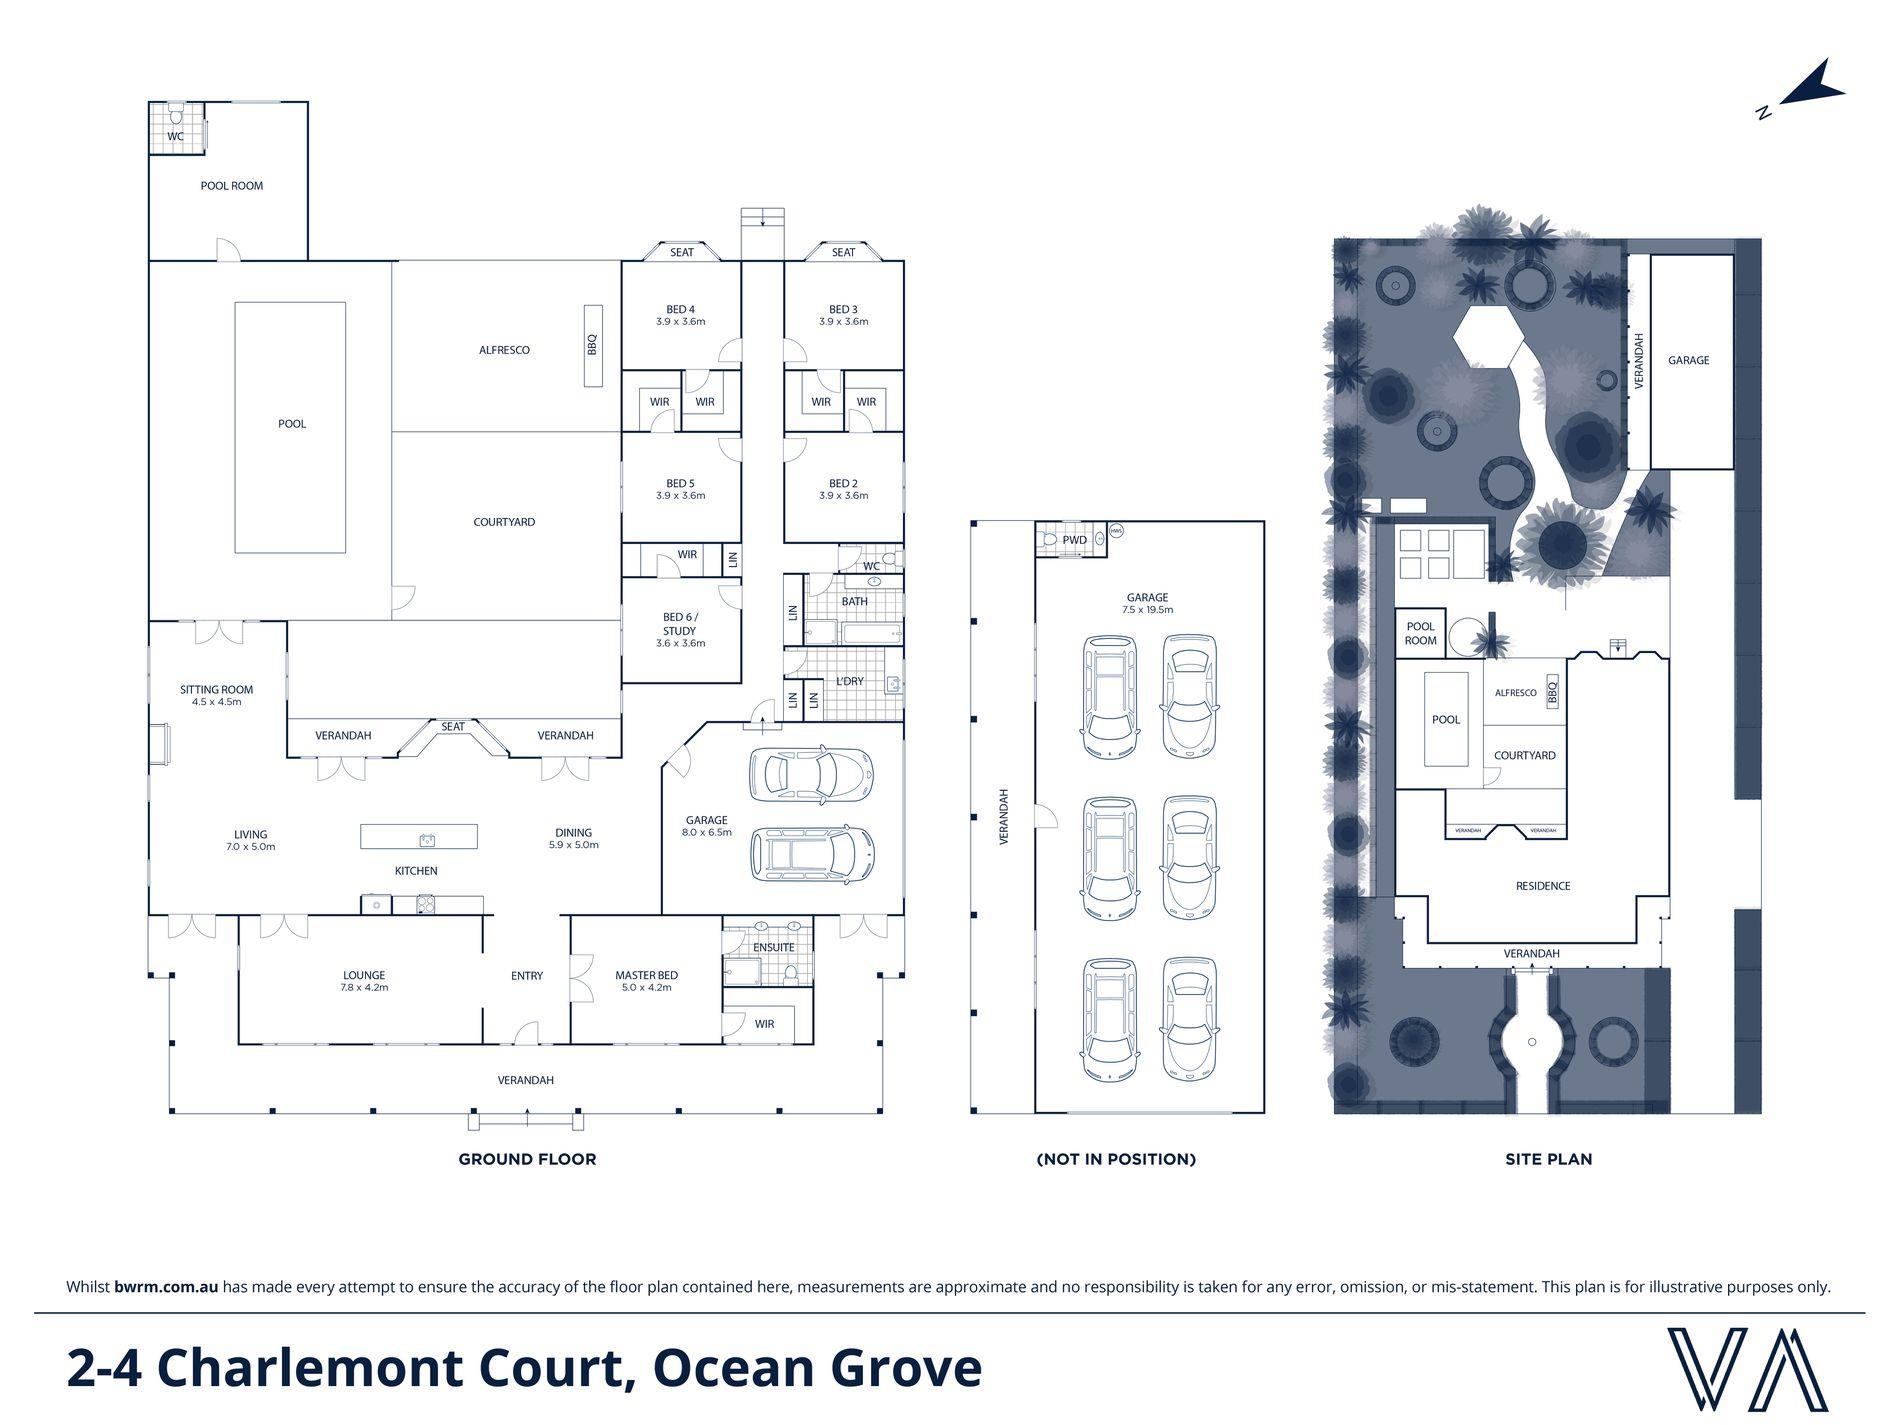 2-4 Charlemont Court, Ocean Grove